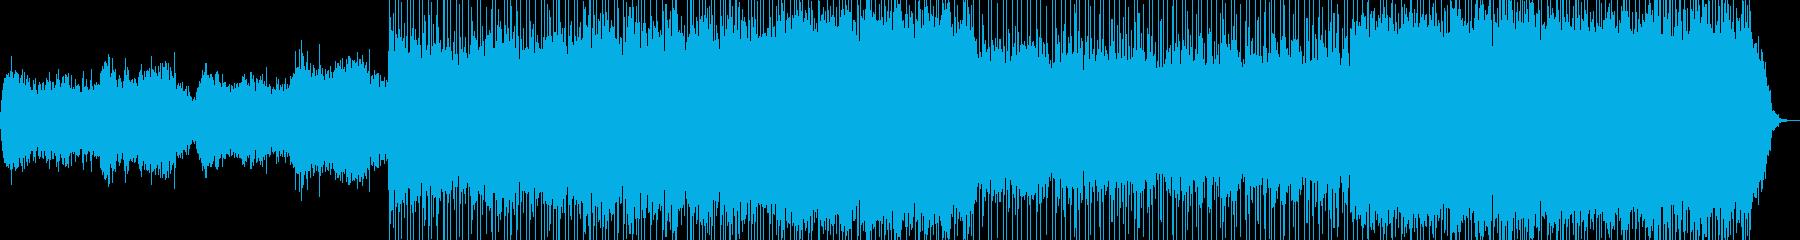 混沌とした世界観のBGMの再生済みの波形